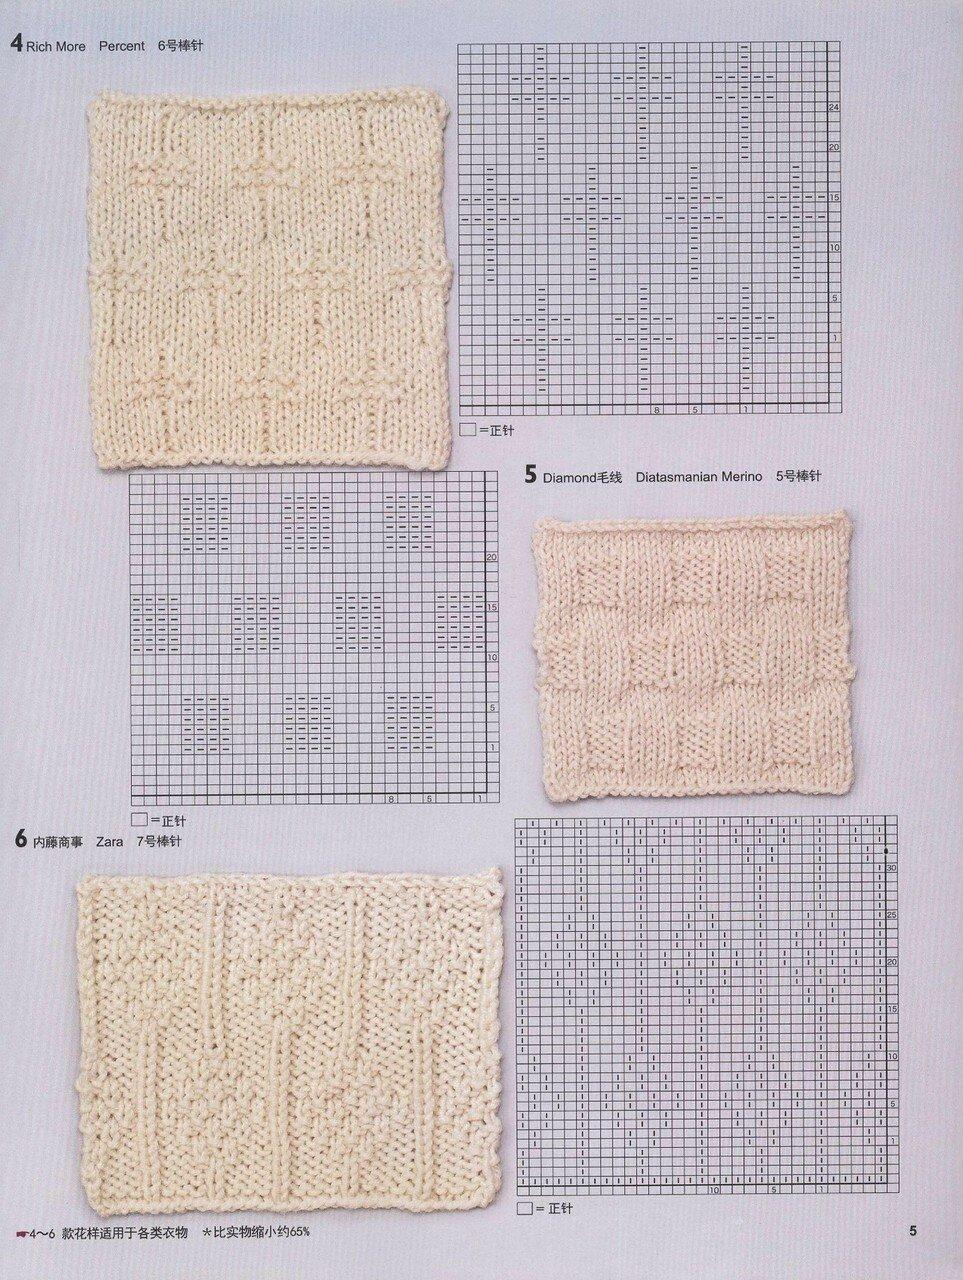 150 Knitting_7.jpg